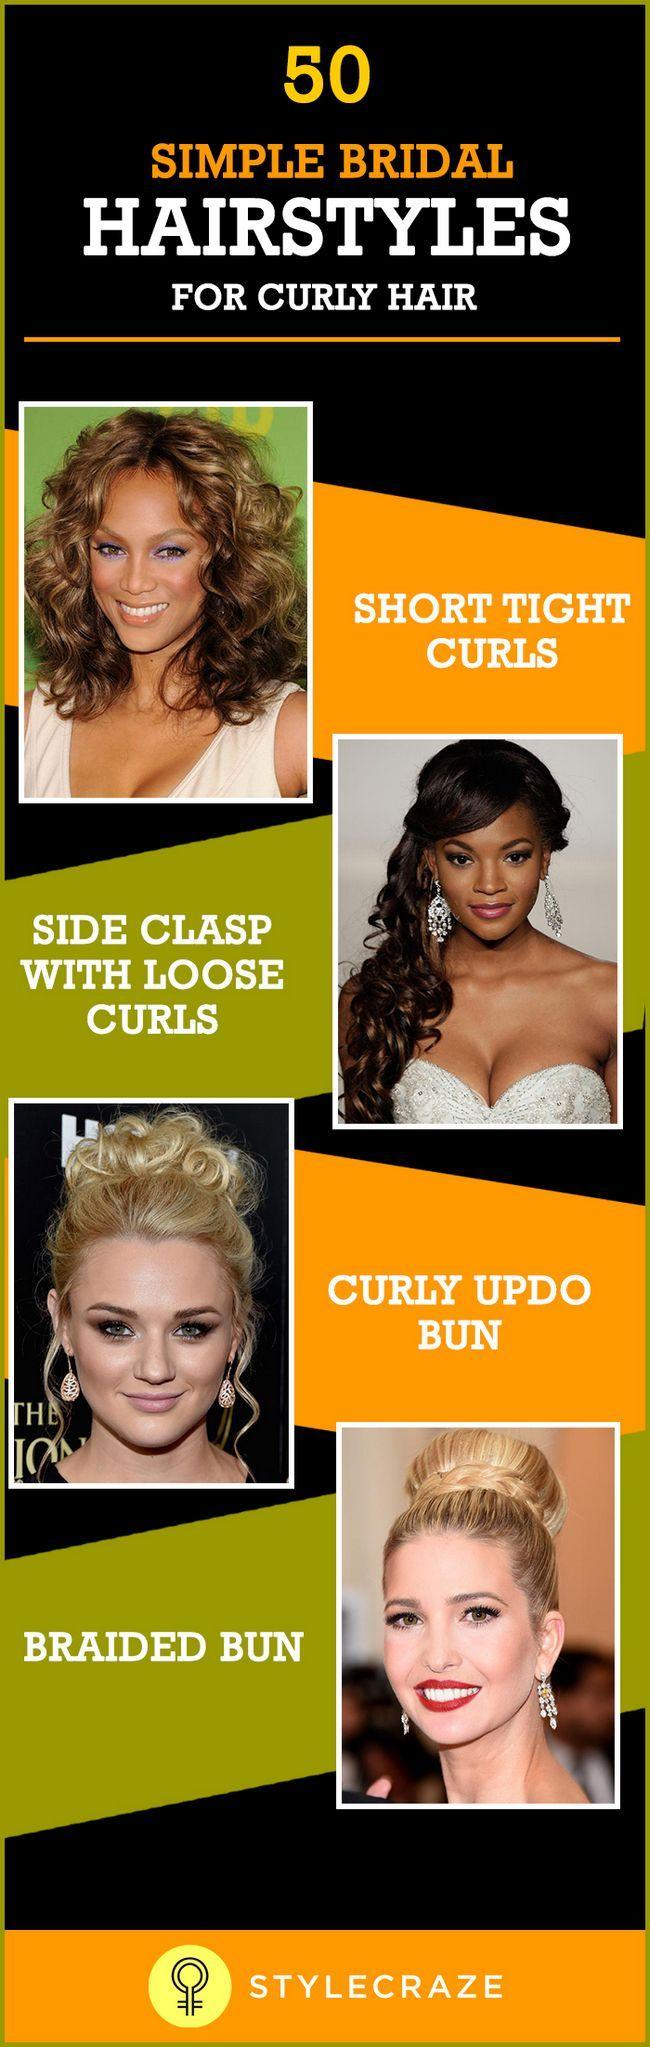 50 Coiffures de mariée simples pour les cheveux bouclés